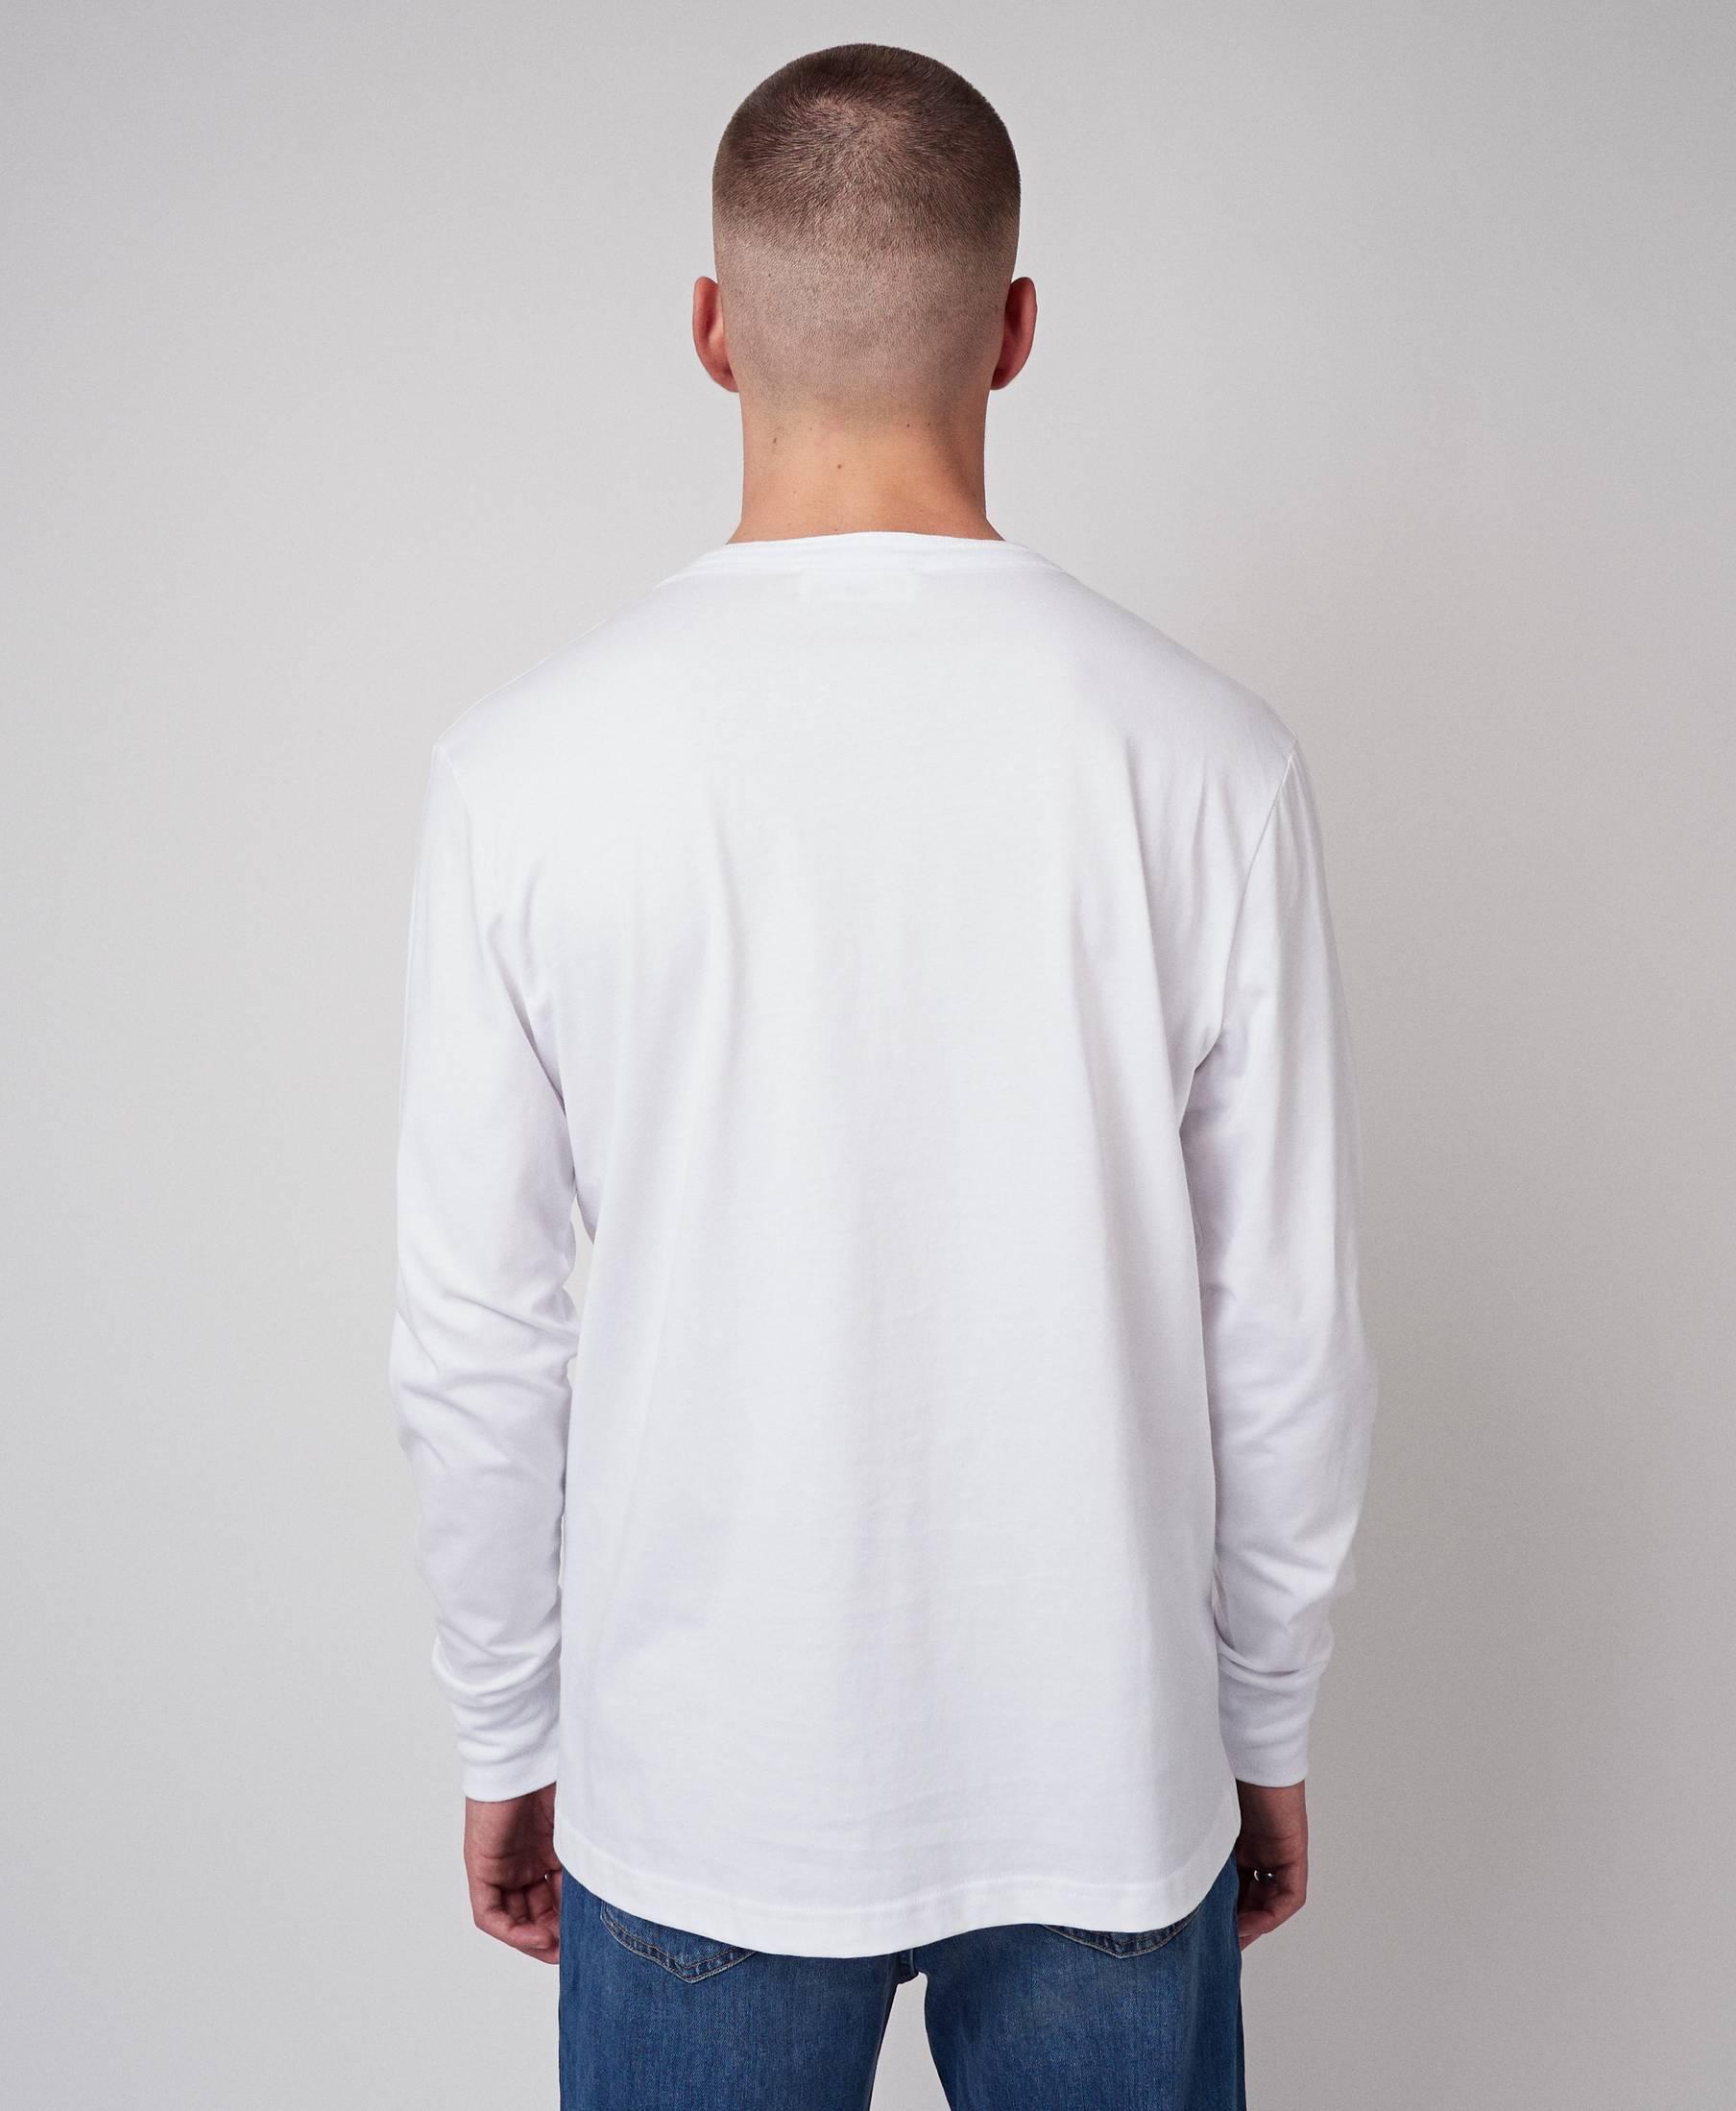 Dan Long Sleeve Virgin White